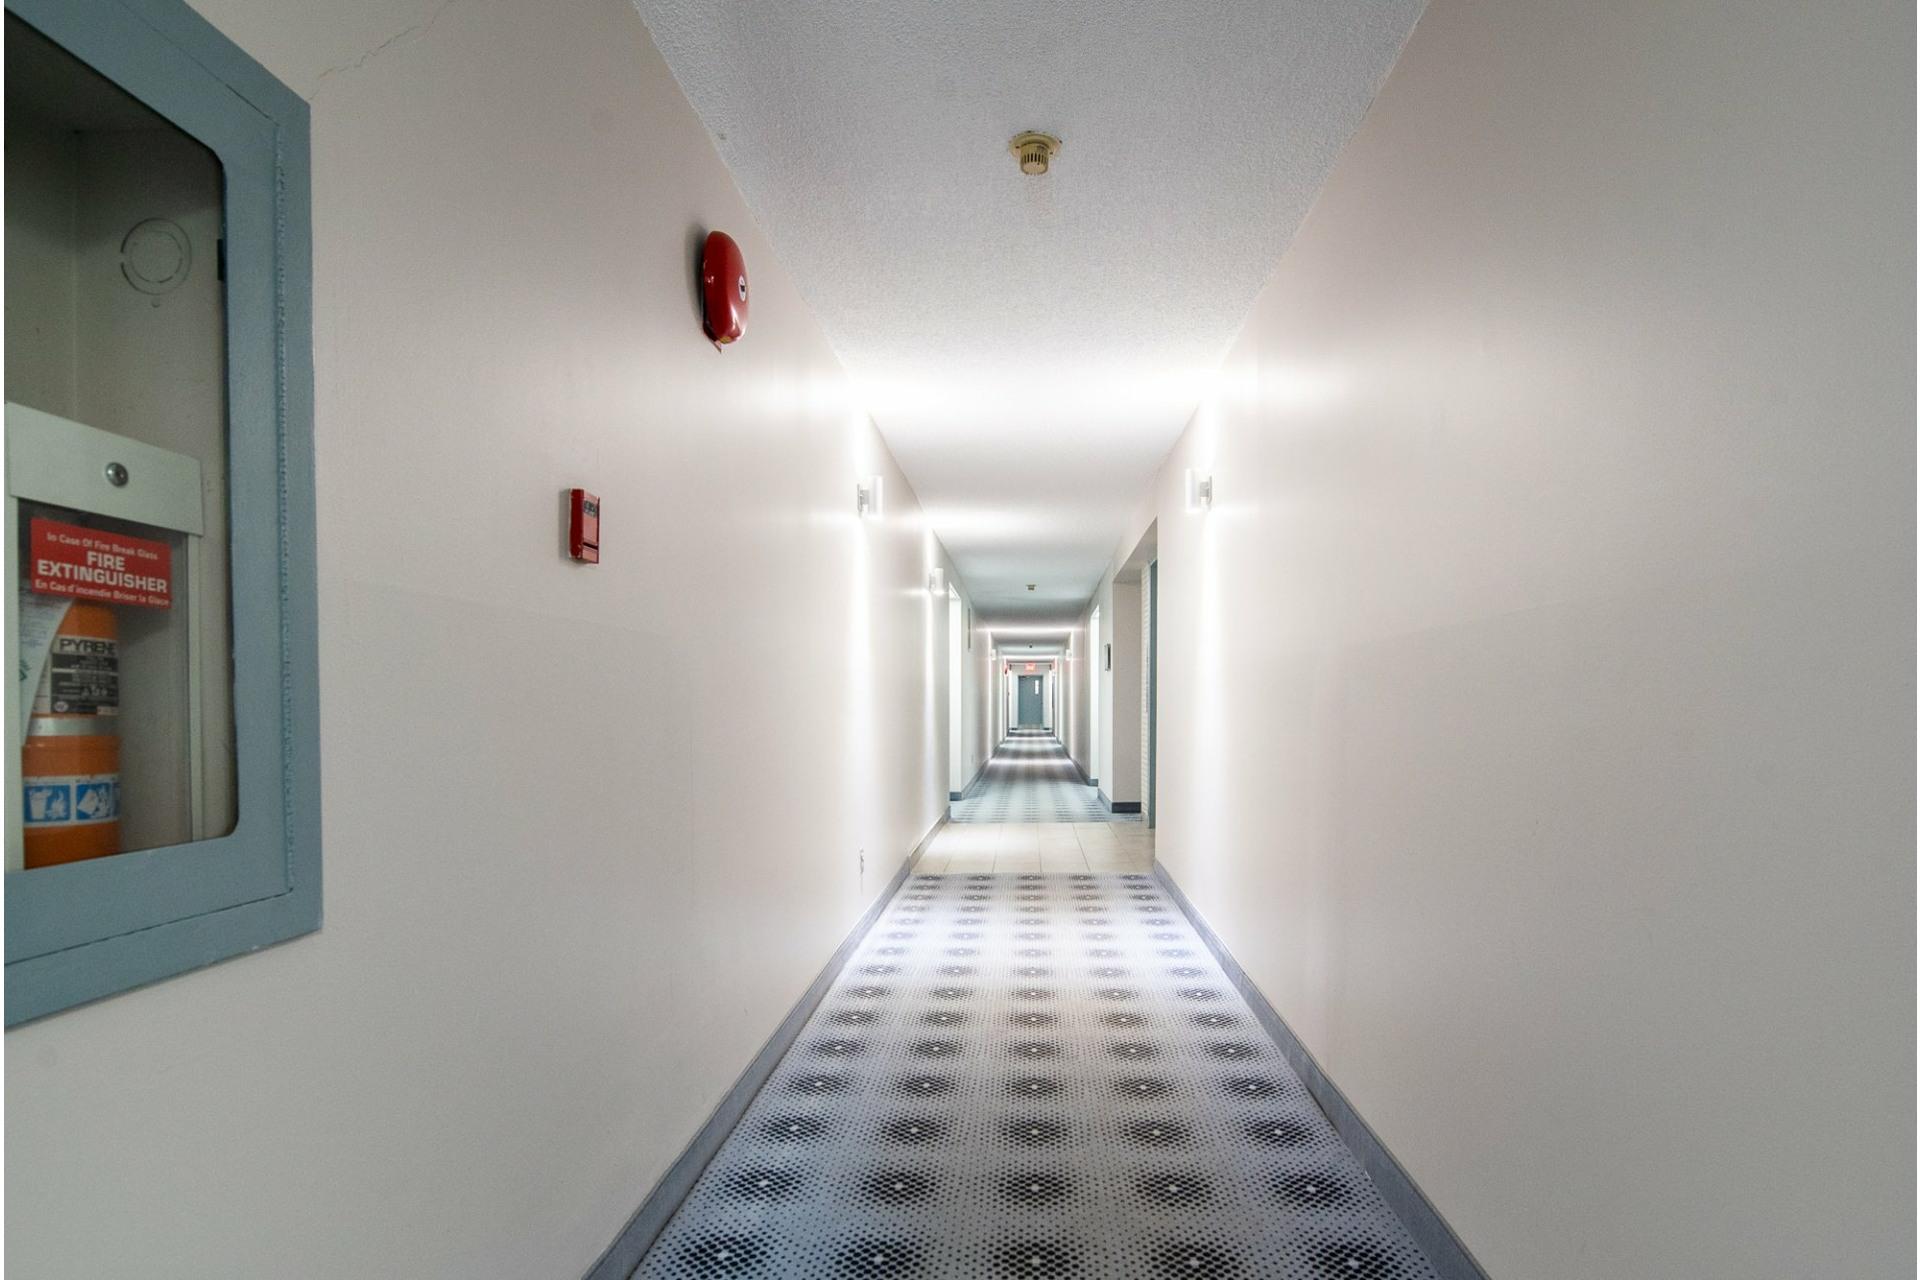 image 25 - Apartment For sale Montréal Saint-Laurent  - 5 rooms